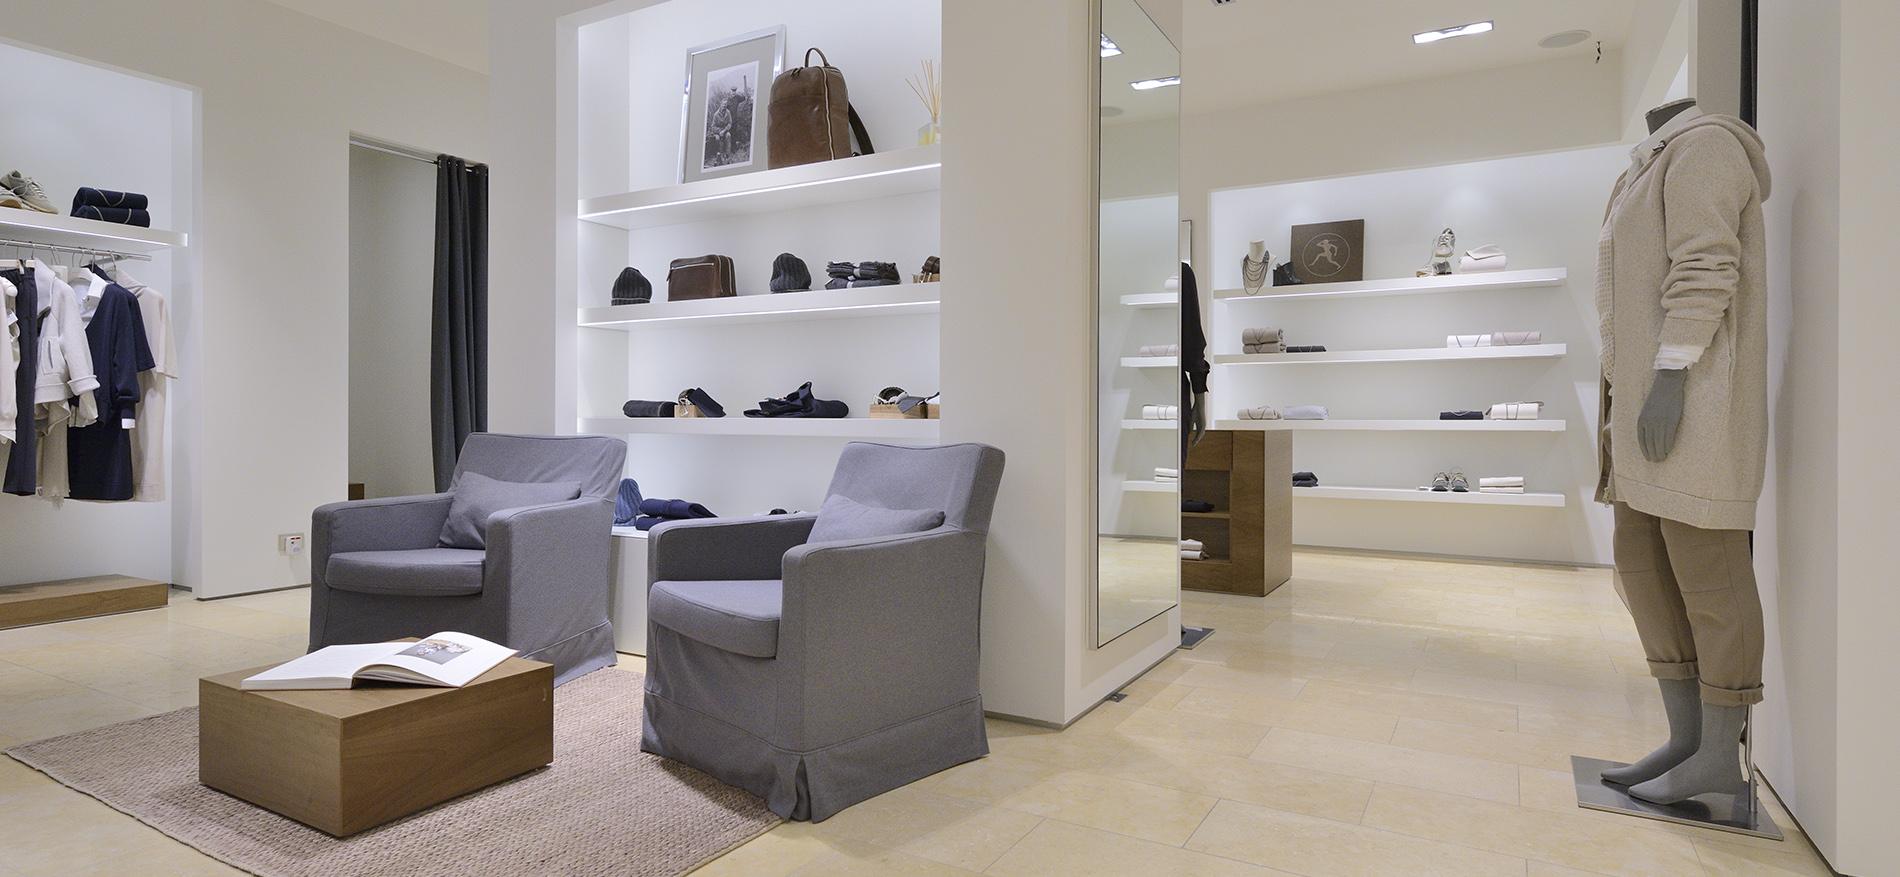 Agencement intérieur pour la boutique de mode